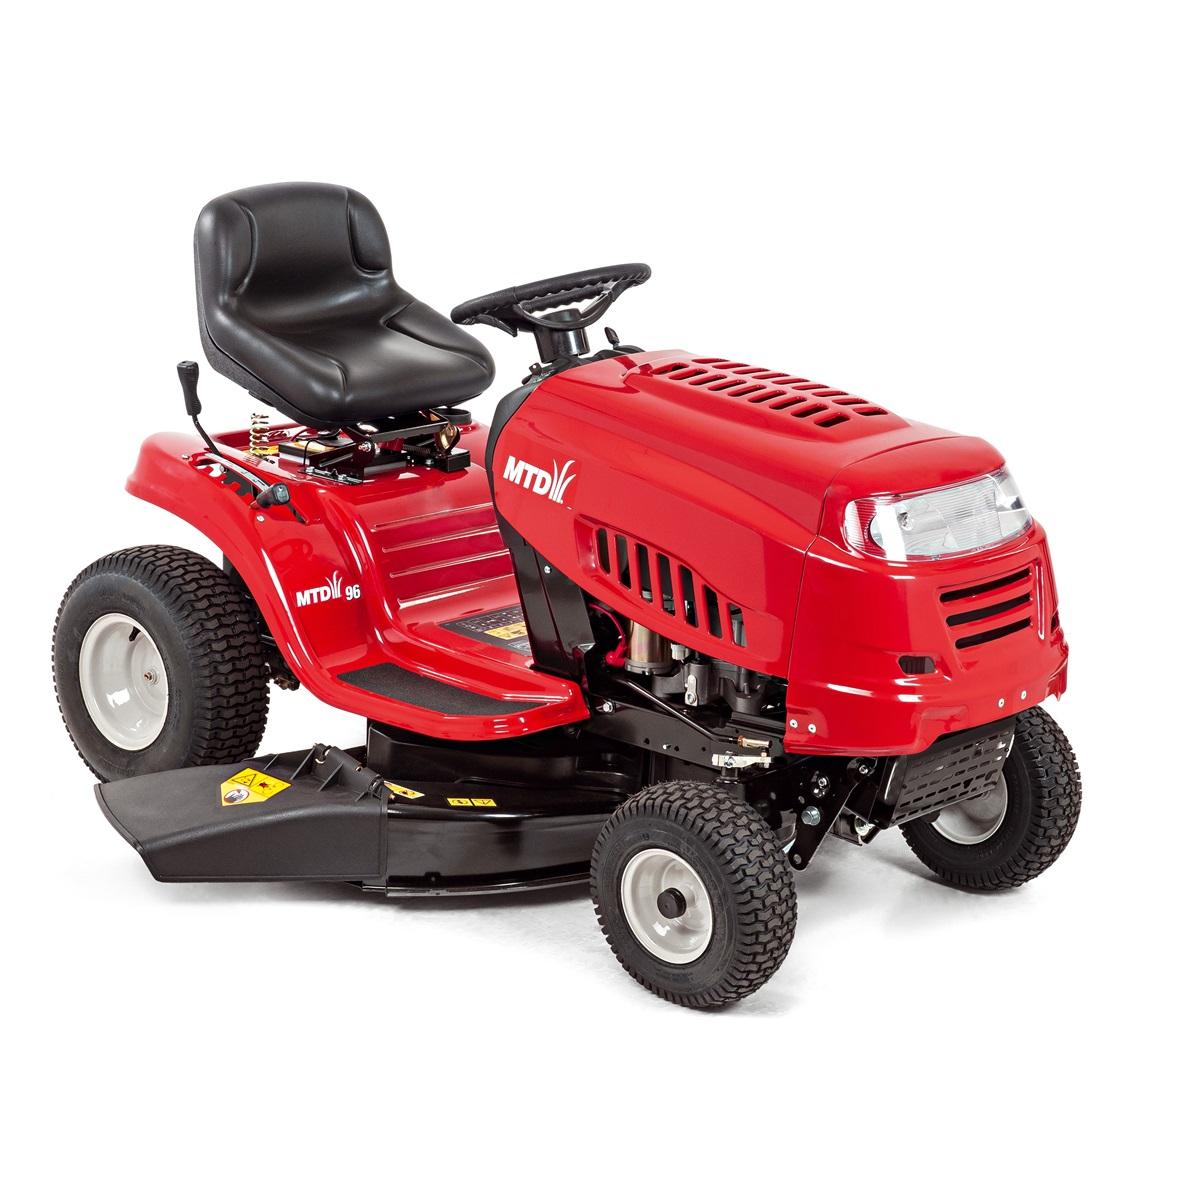 MTD 96 zahradní traktor s bočním výhozem + servis EXTRA